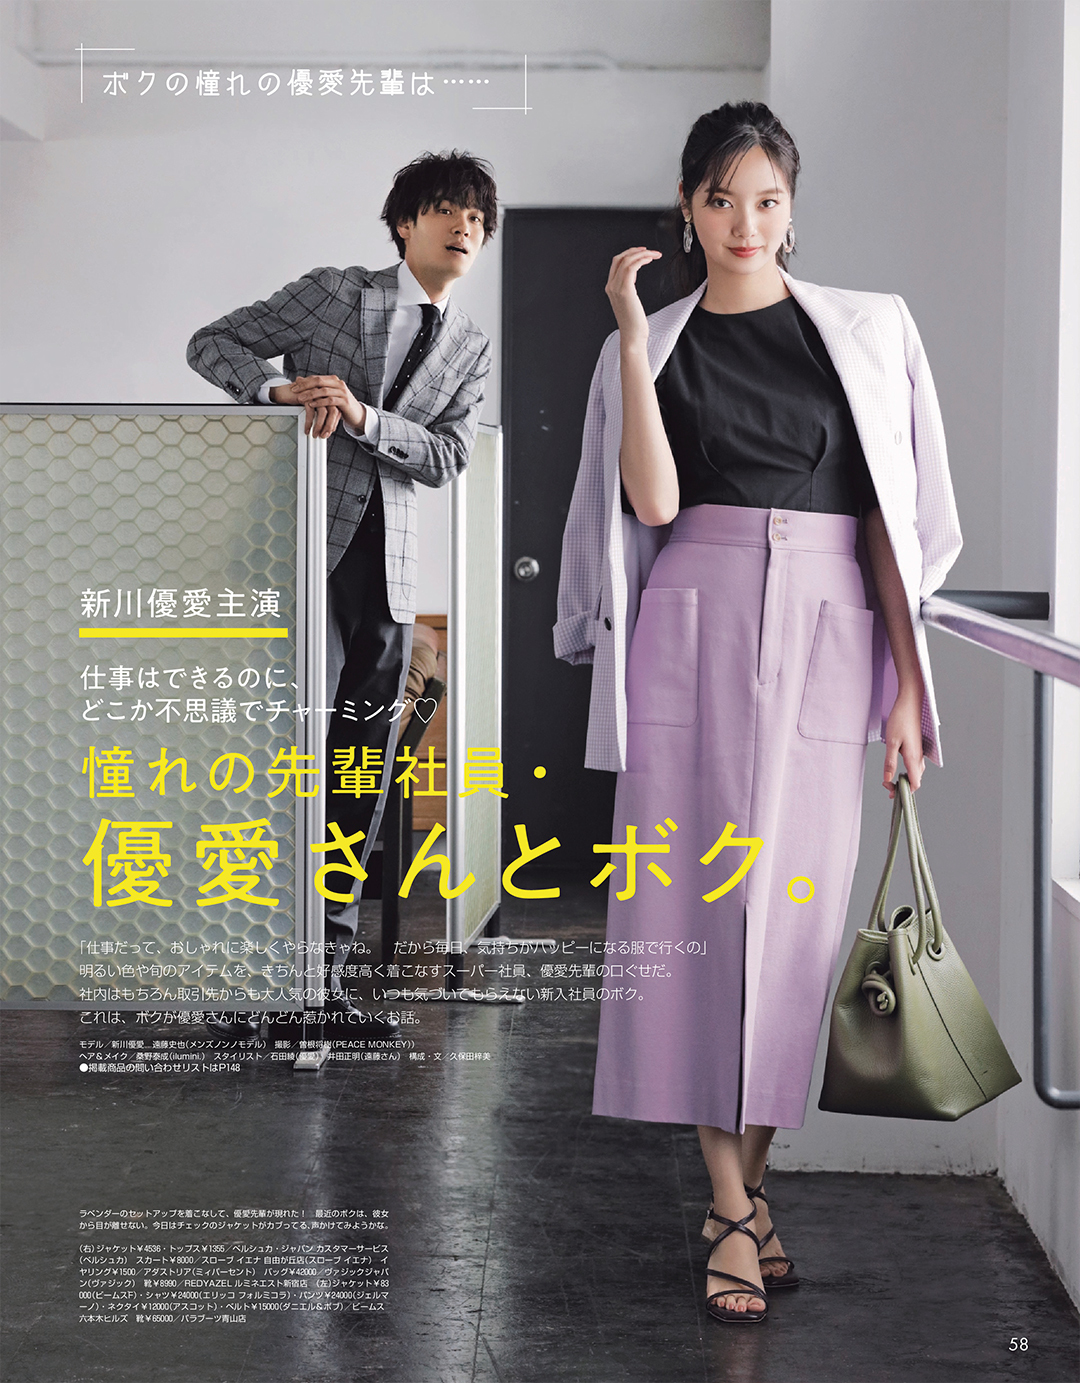 新川優愛主演「憧れの先輩社員・優愛さんとボク。」